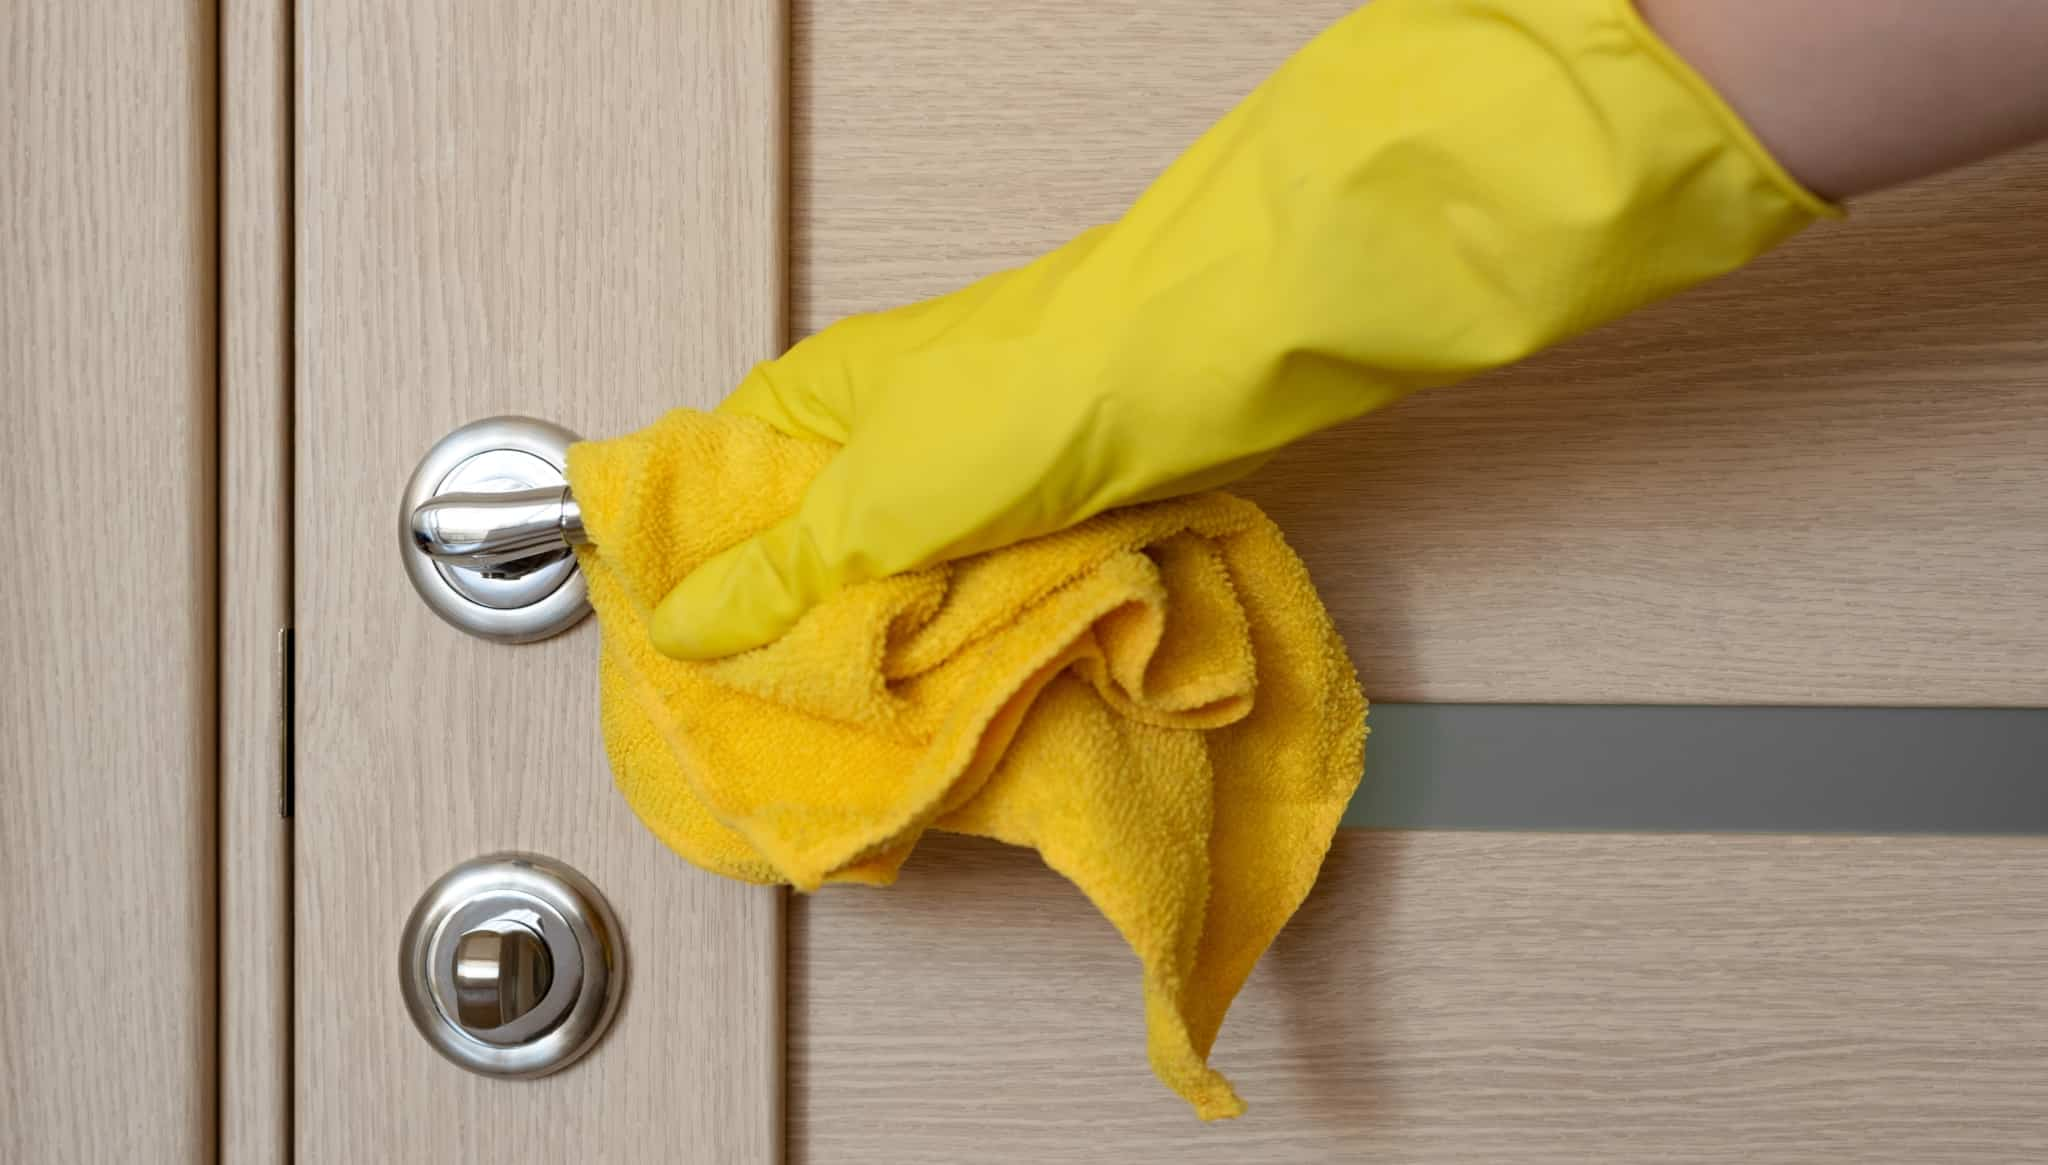 limpeza da macaneta da porta